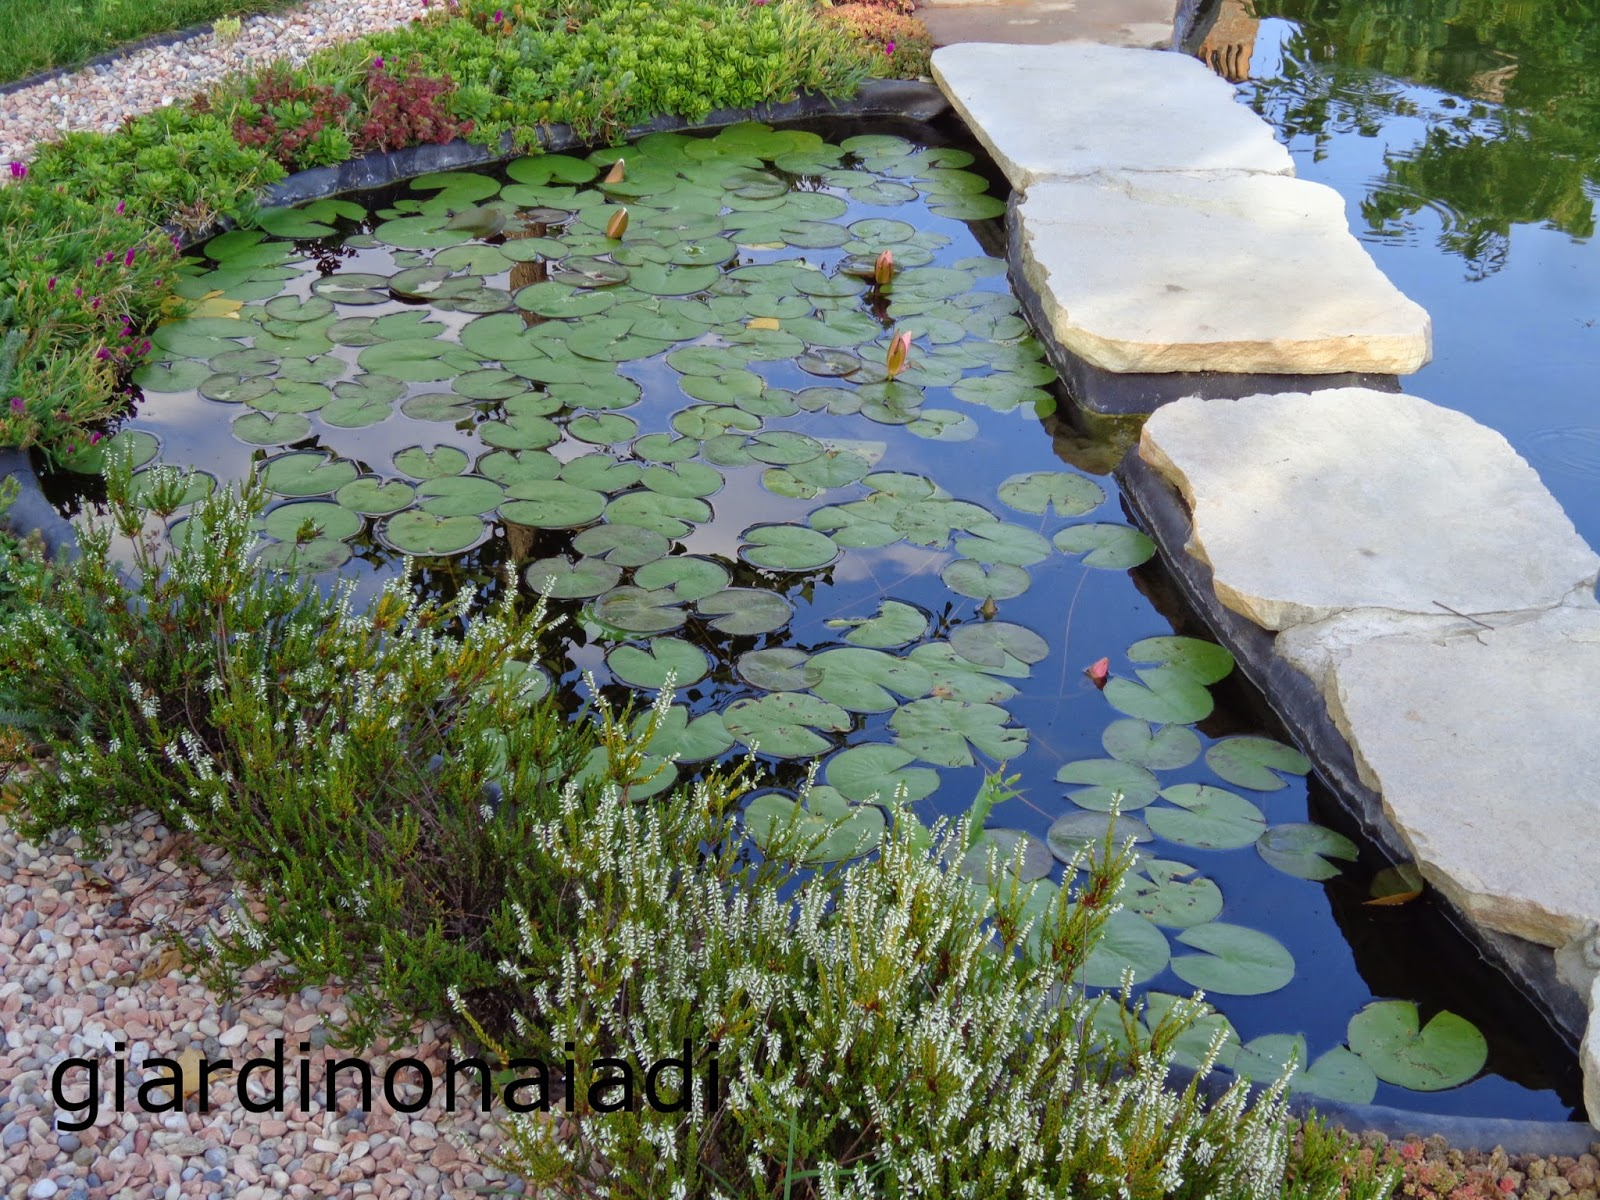 Il giardino delle naiadi filtrazione naturale e tecnica for Costruire laghetto in giardino